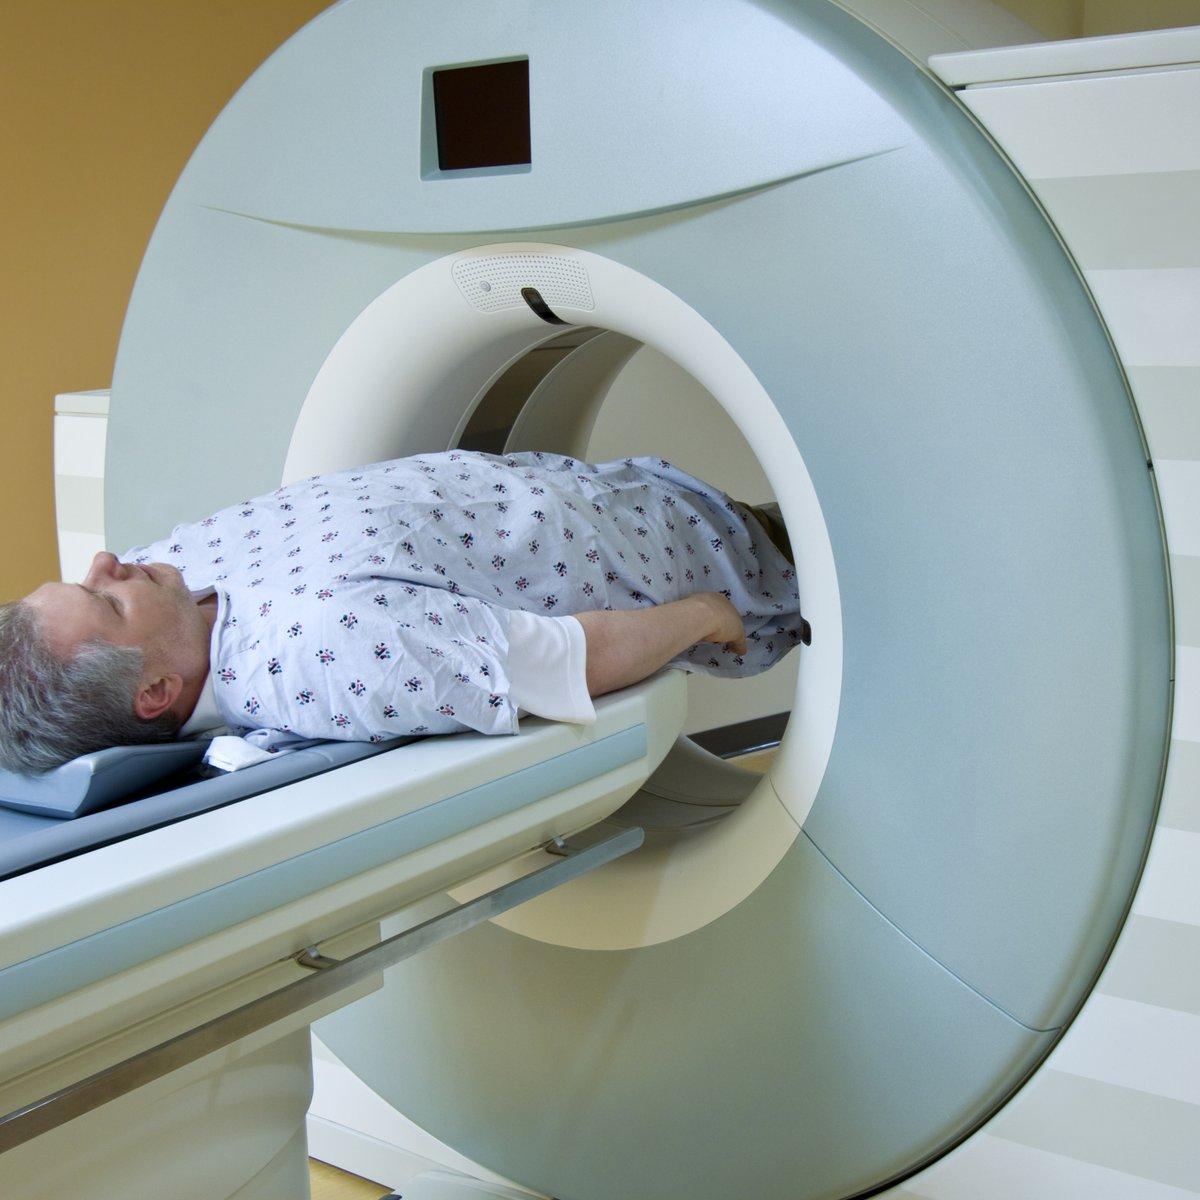 tamsulosina prescrita durante la radioterapia prostática